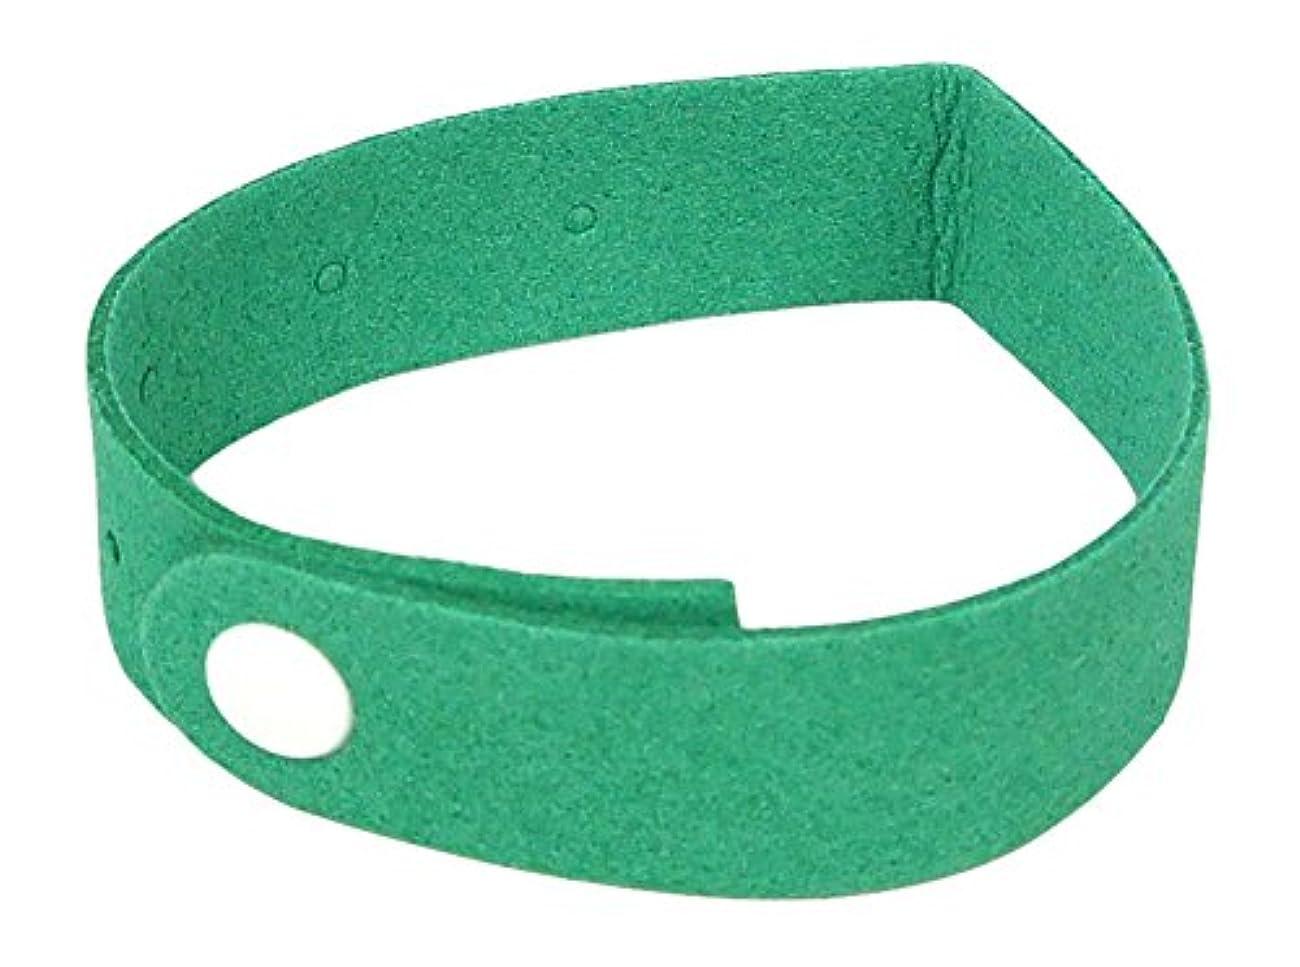 多年生株式スワップNo Brand 虫よけリング 子供?大人兼用サイズ 緑 MB-G 緑